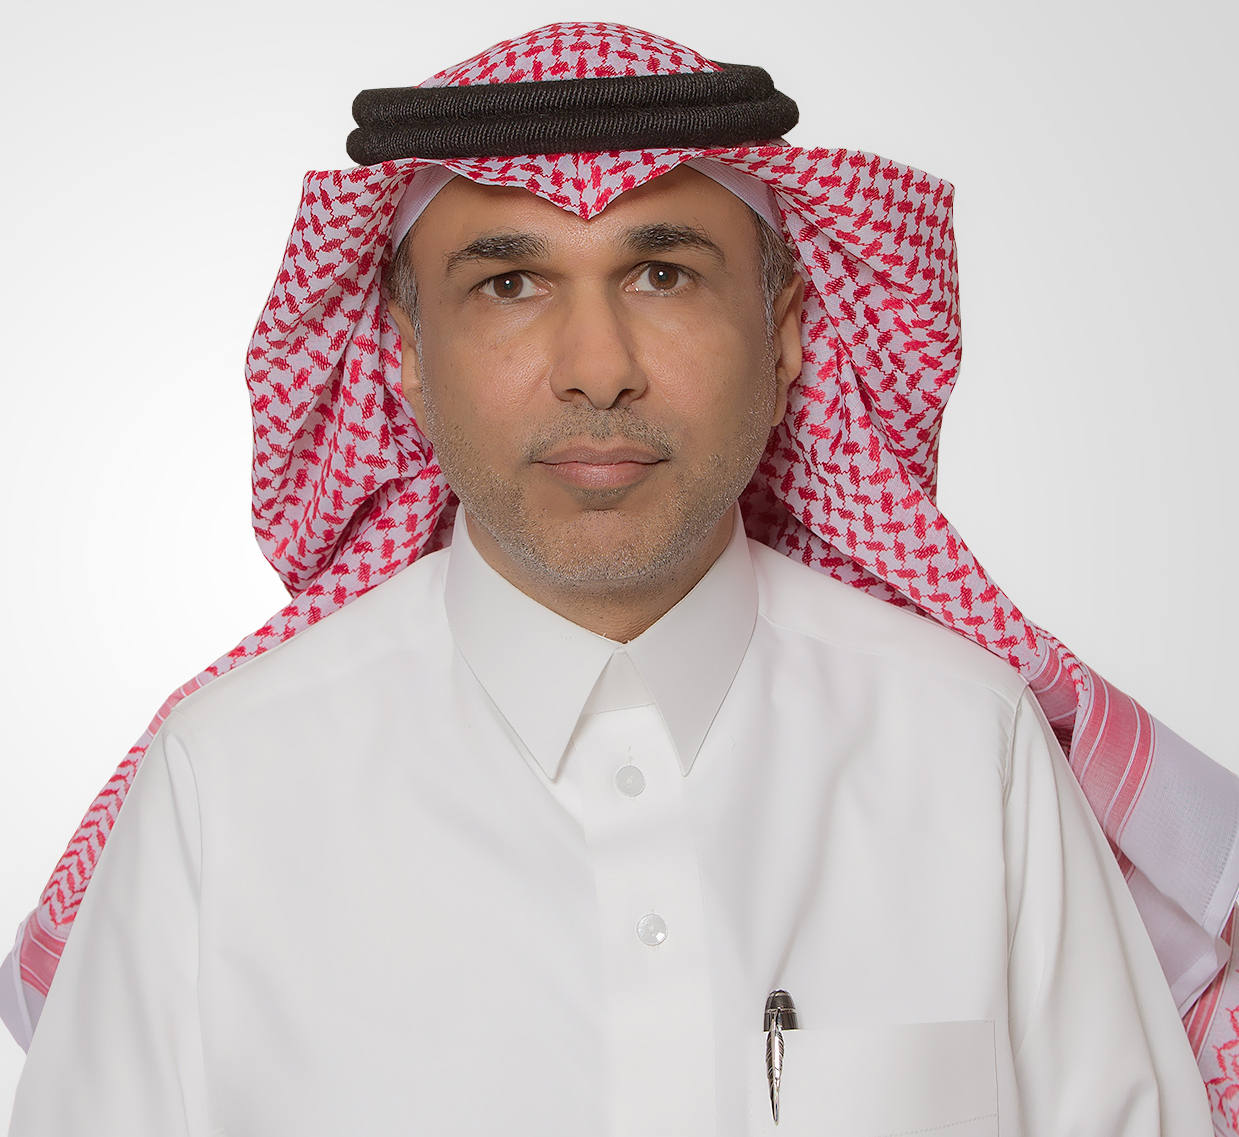 """الناصر : نجاح استثمار الاتصالات السعودية في """"كريم"""" ينسجم مع استراتيجيتنا للنمو في مسارات جديدة"""